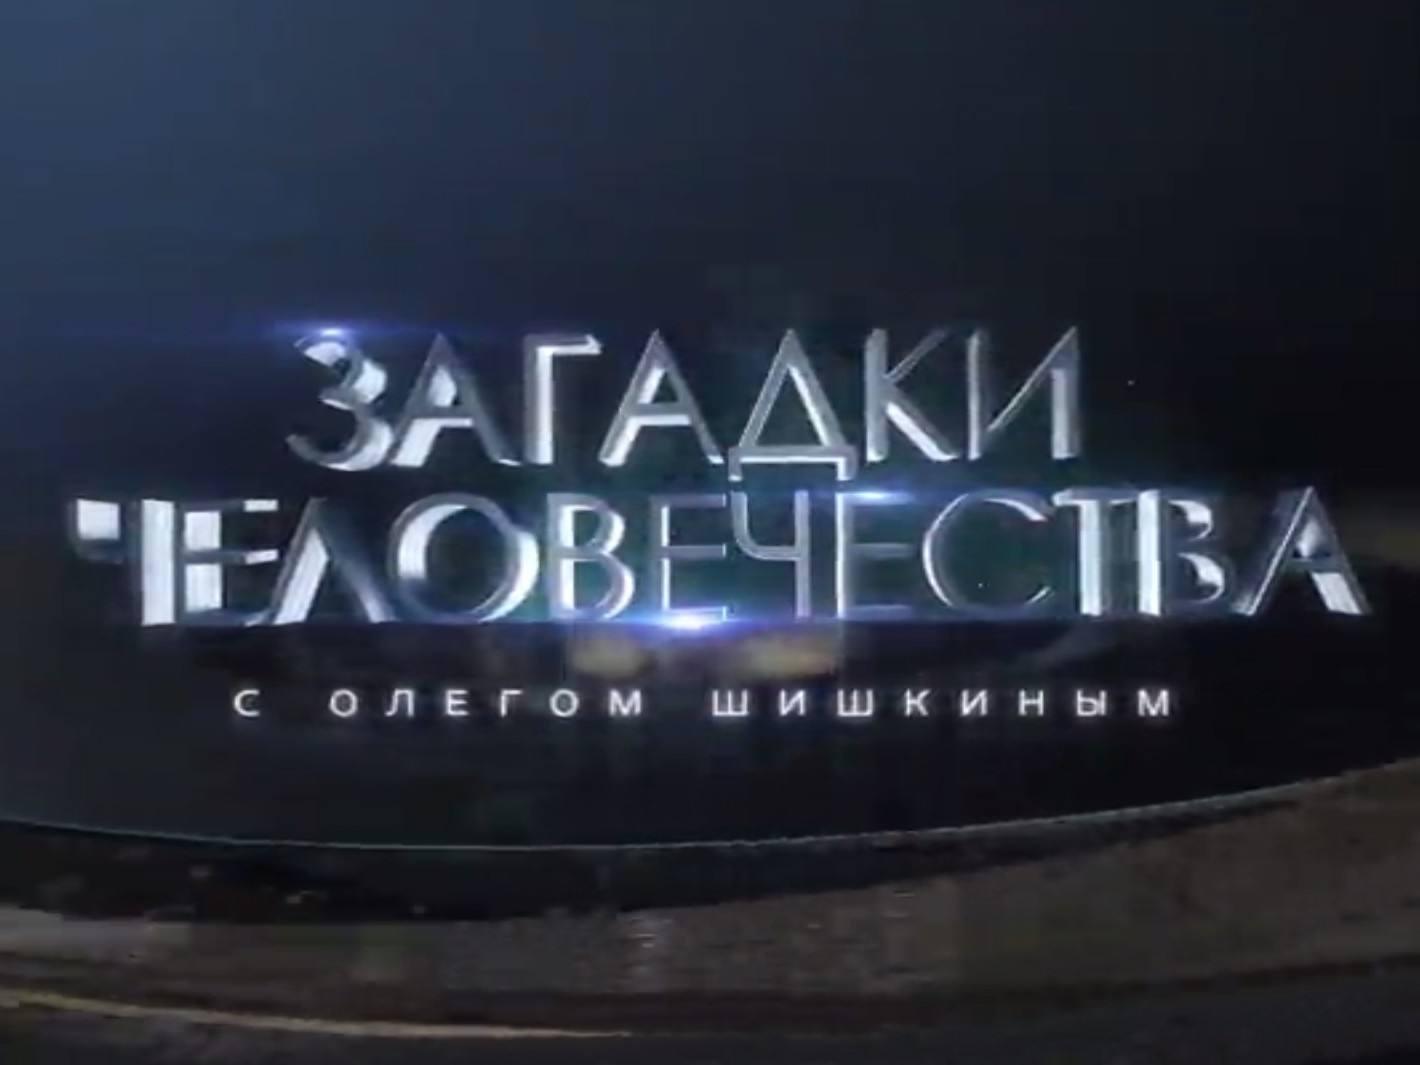 программа РЕН ТВ: Загадки человечества 349 серия